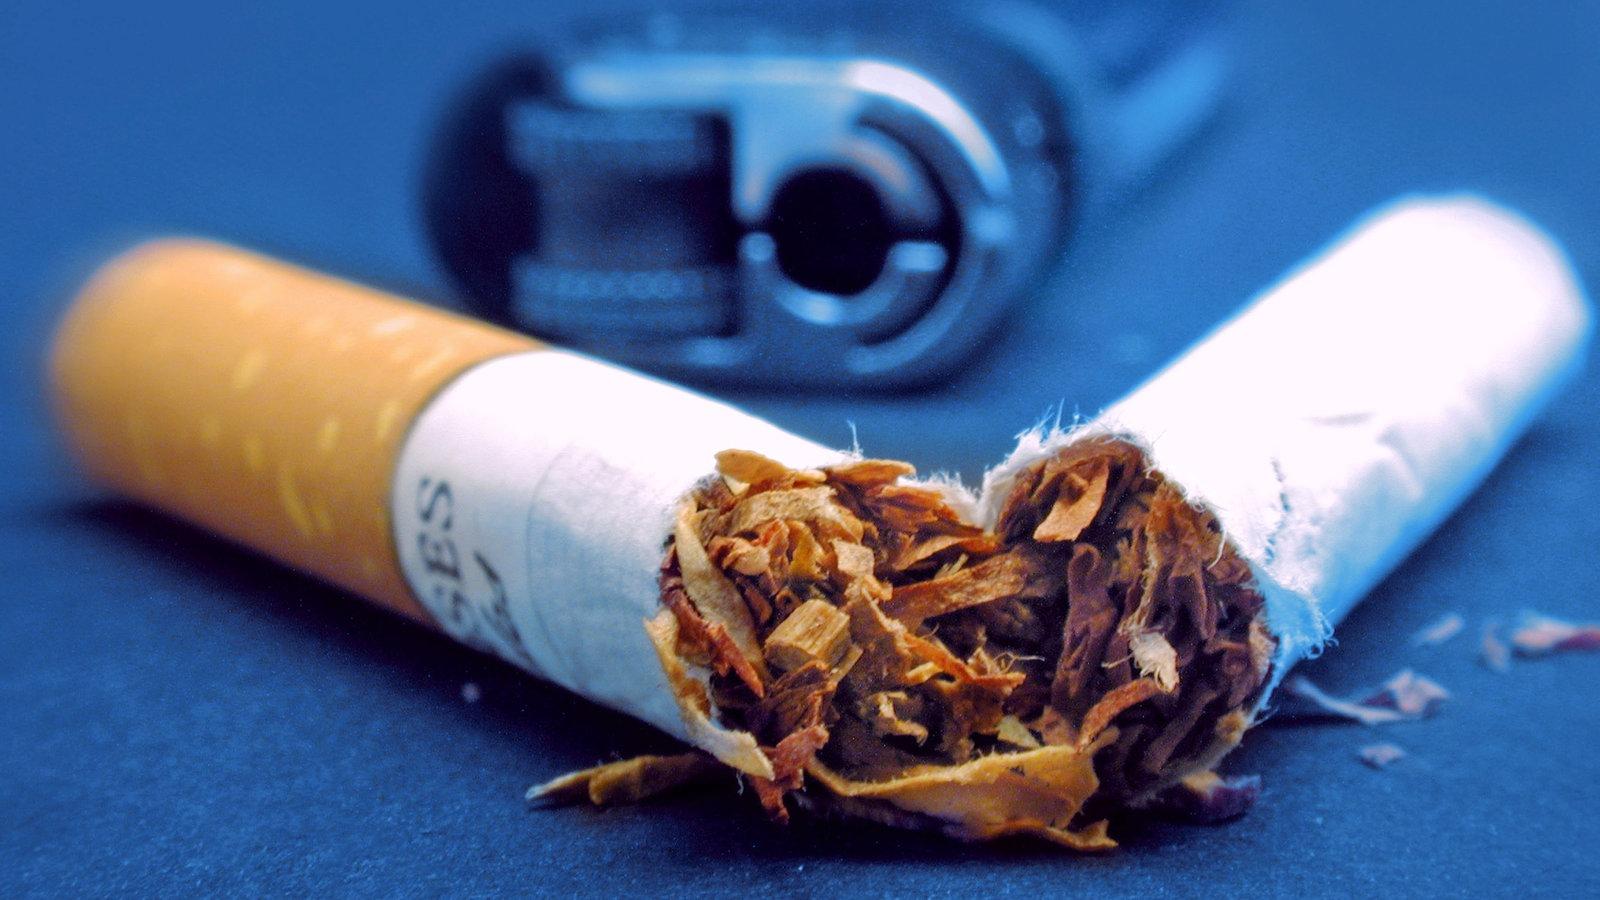 Nikotinsucht: Definition und Folgen der Tabakabhängigkeit